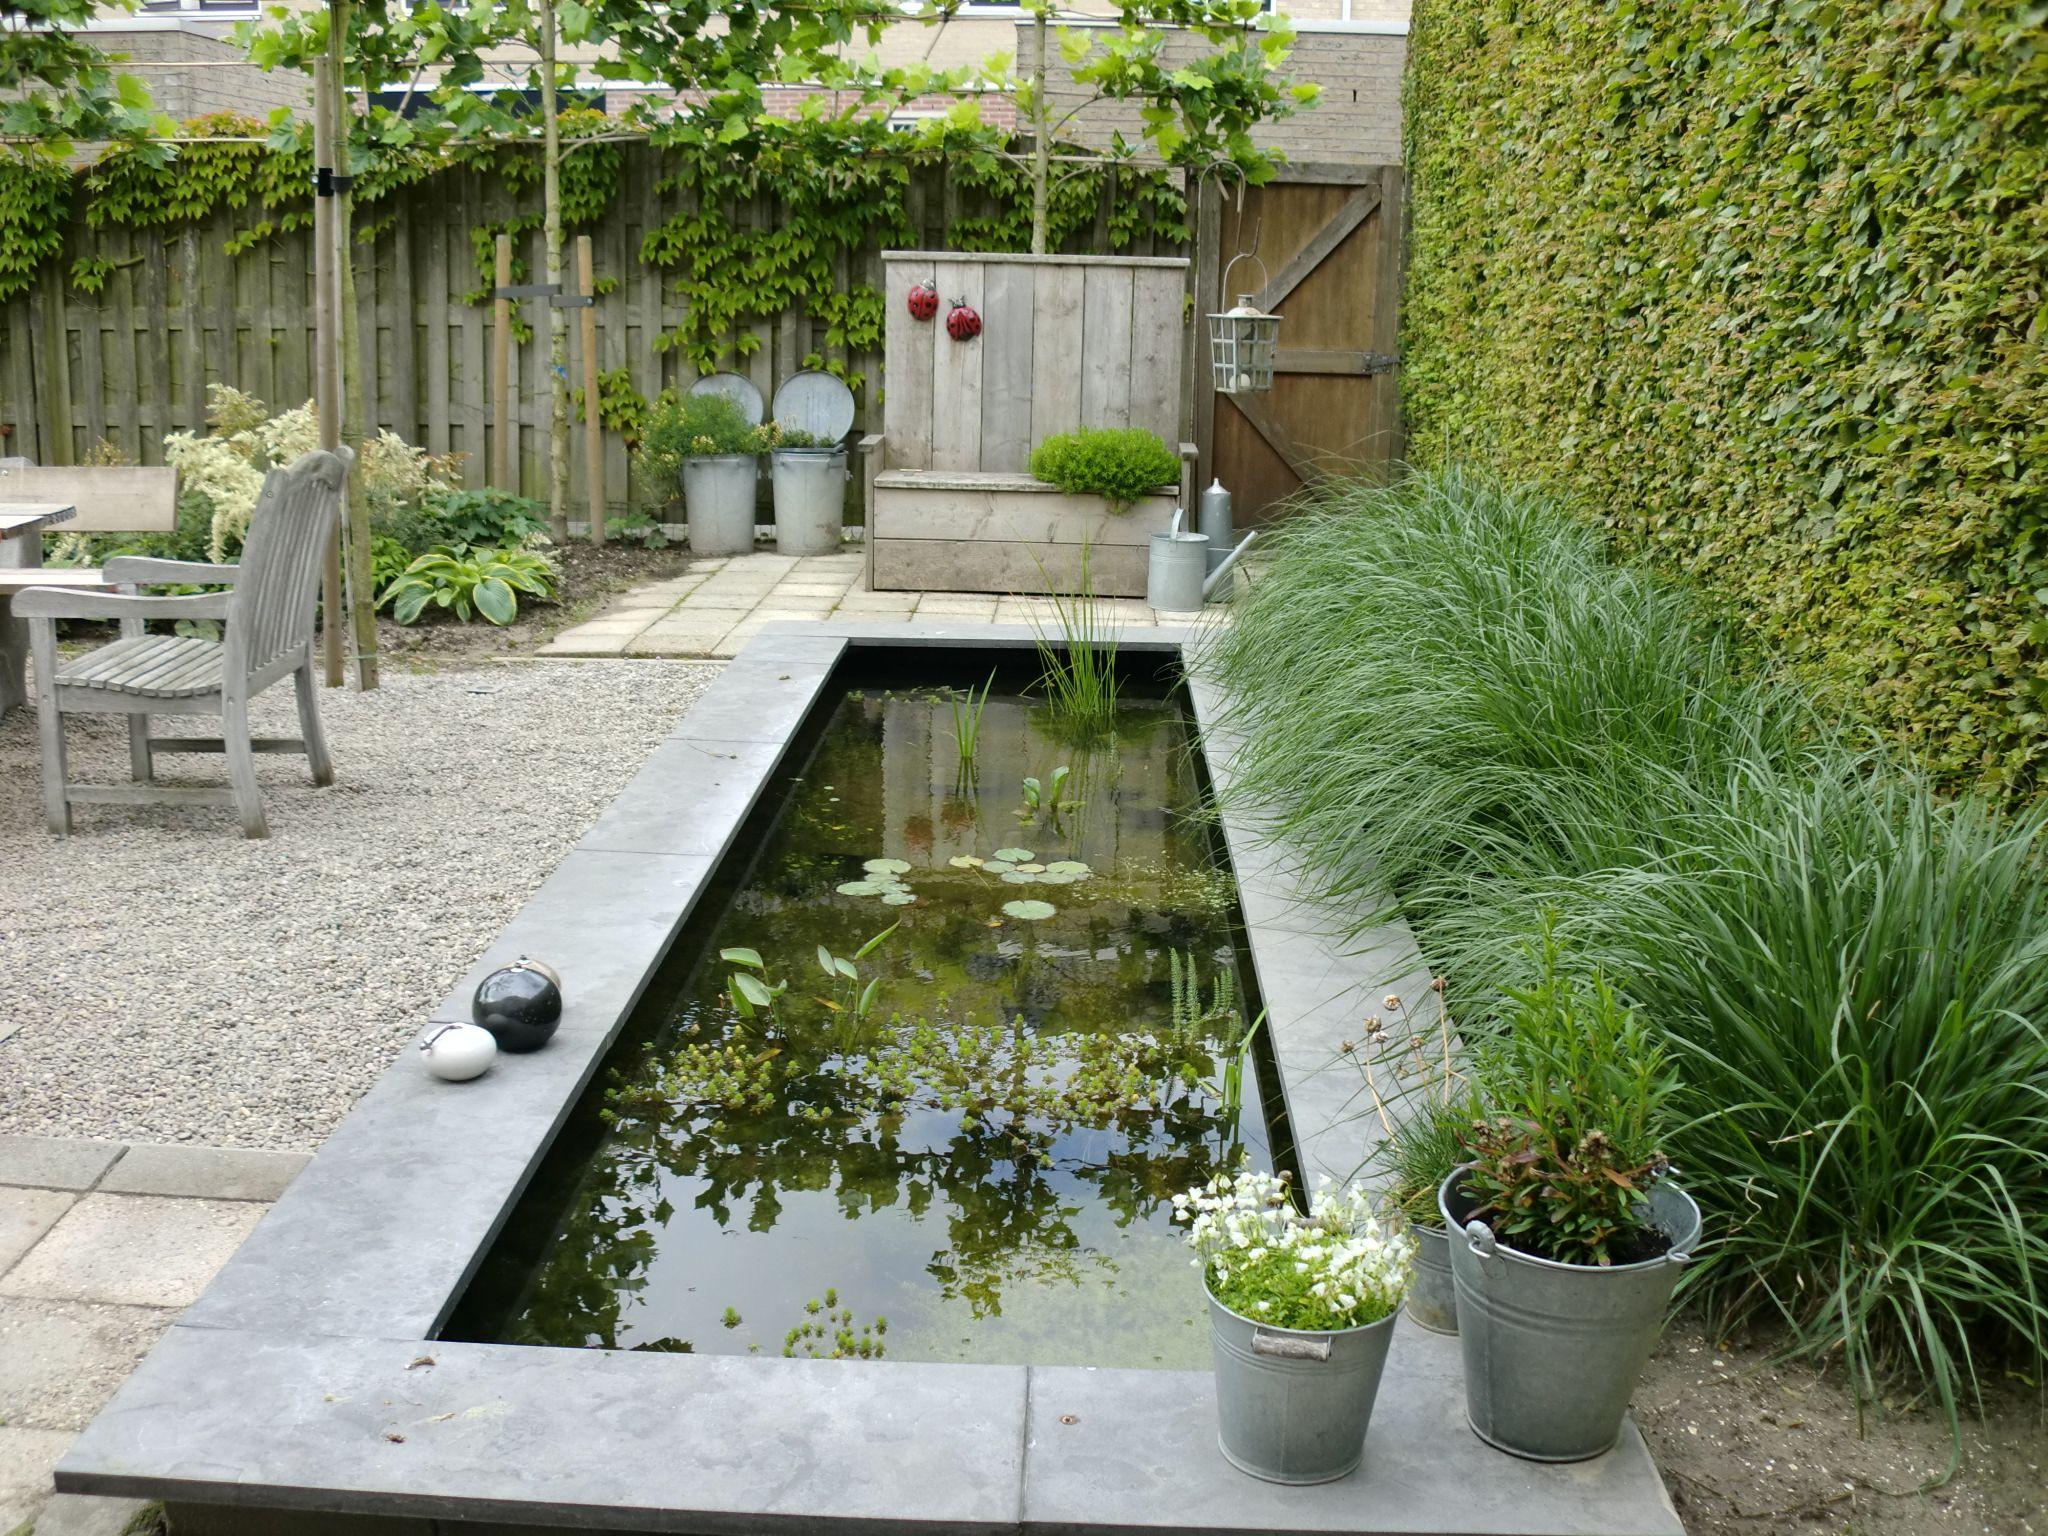 Rechthoekige vijver in landelijke tuin rectangle pond in country